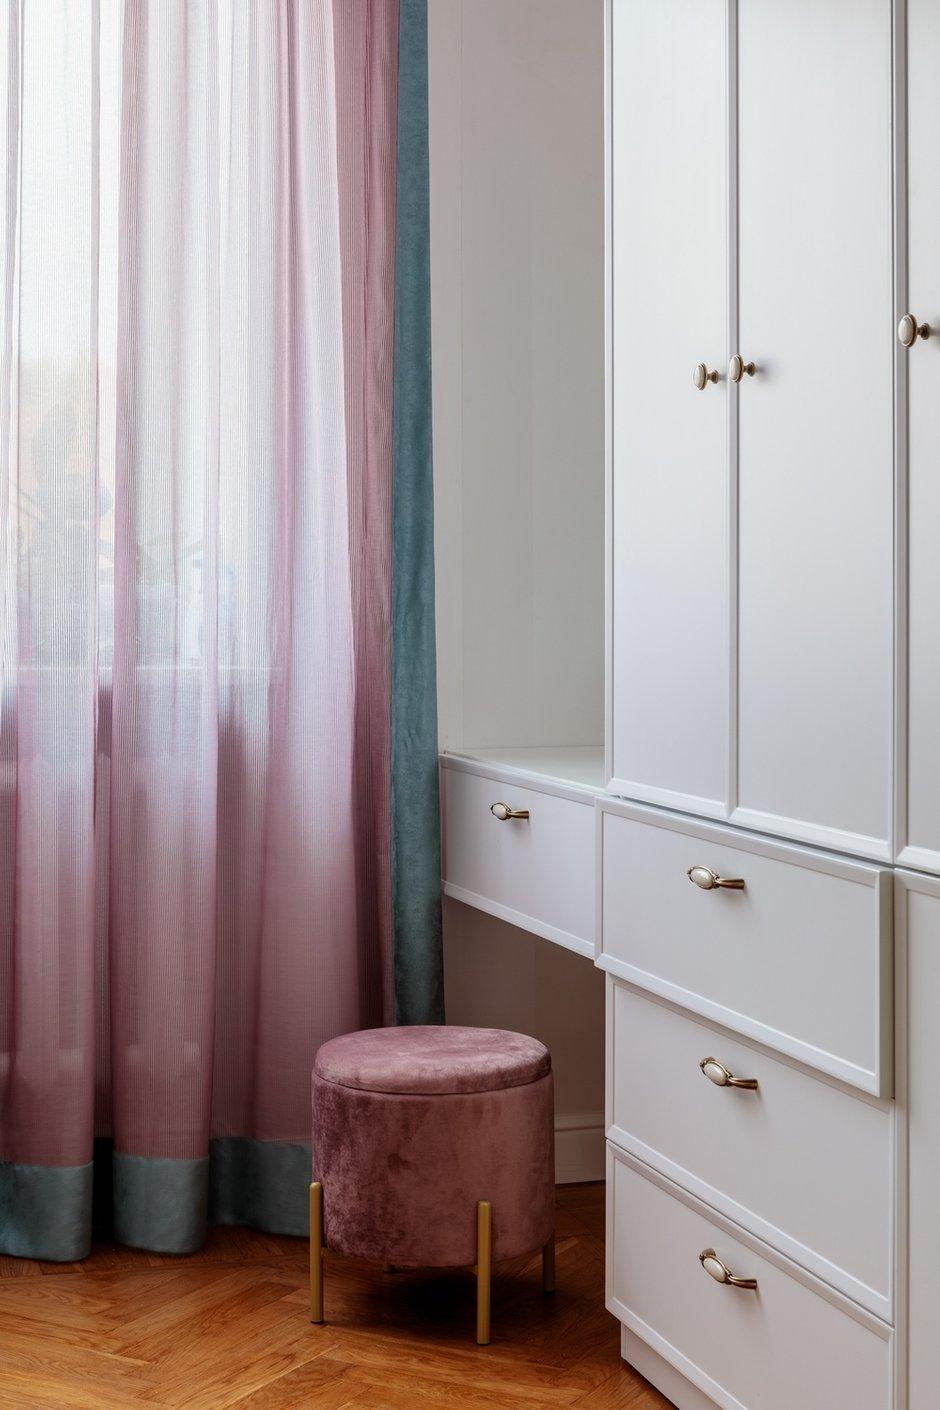 Шкаф в спальне сделан в потолок, с пантографом для удобства.